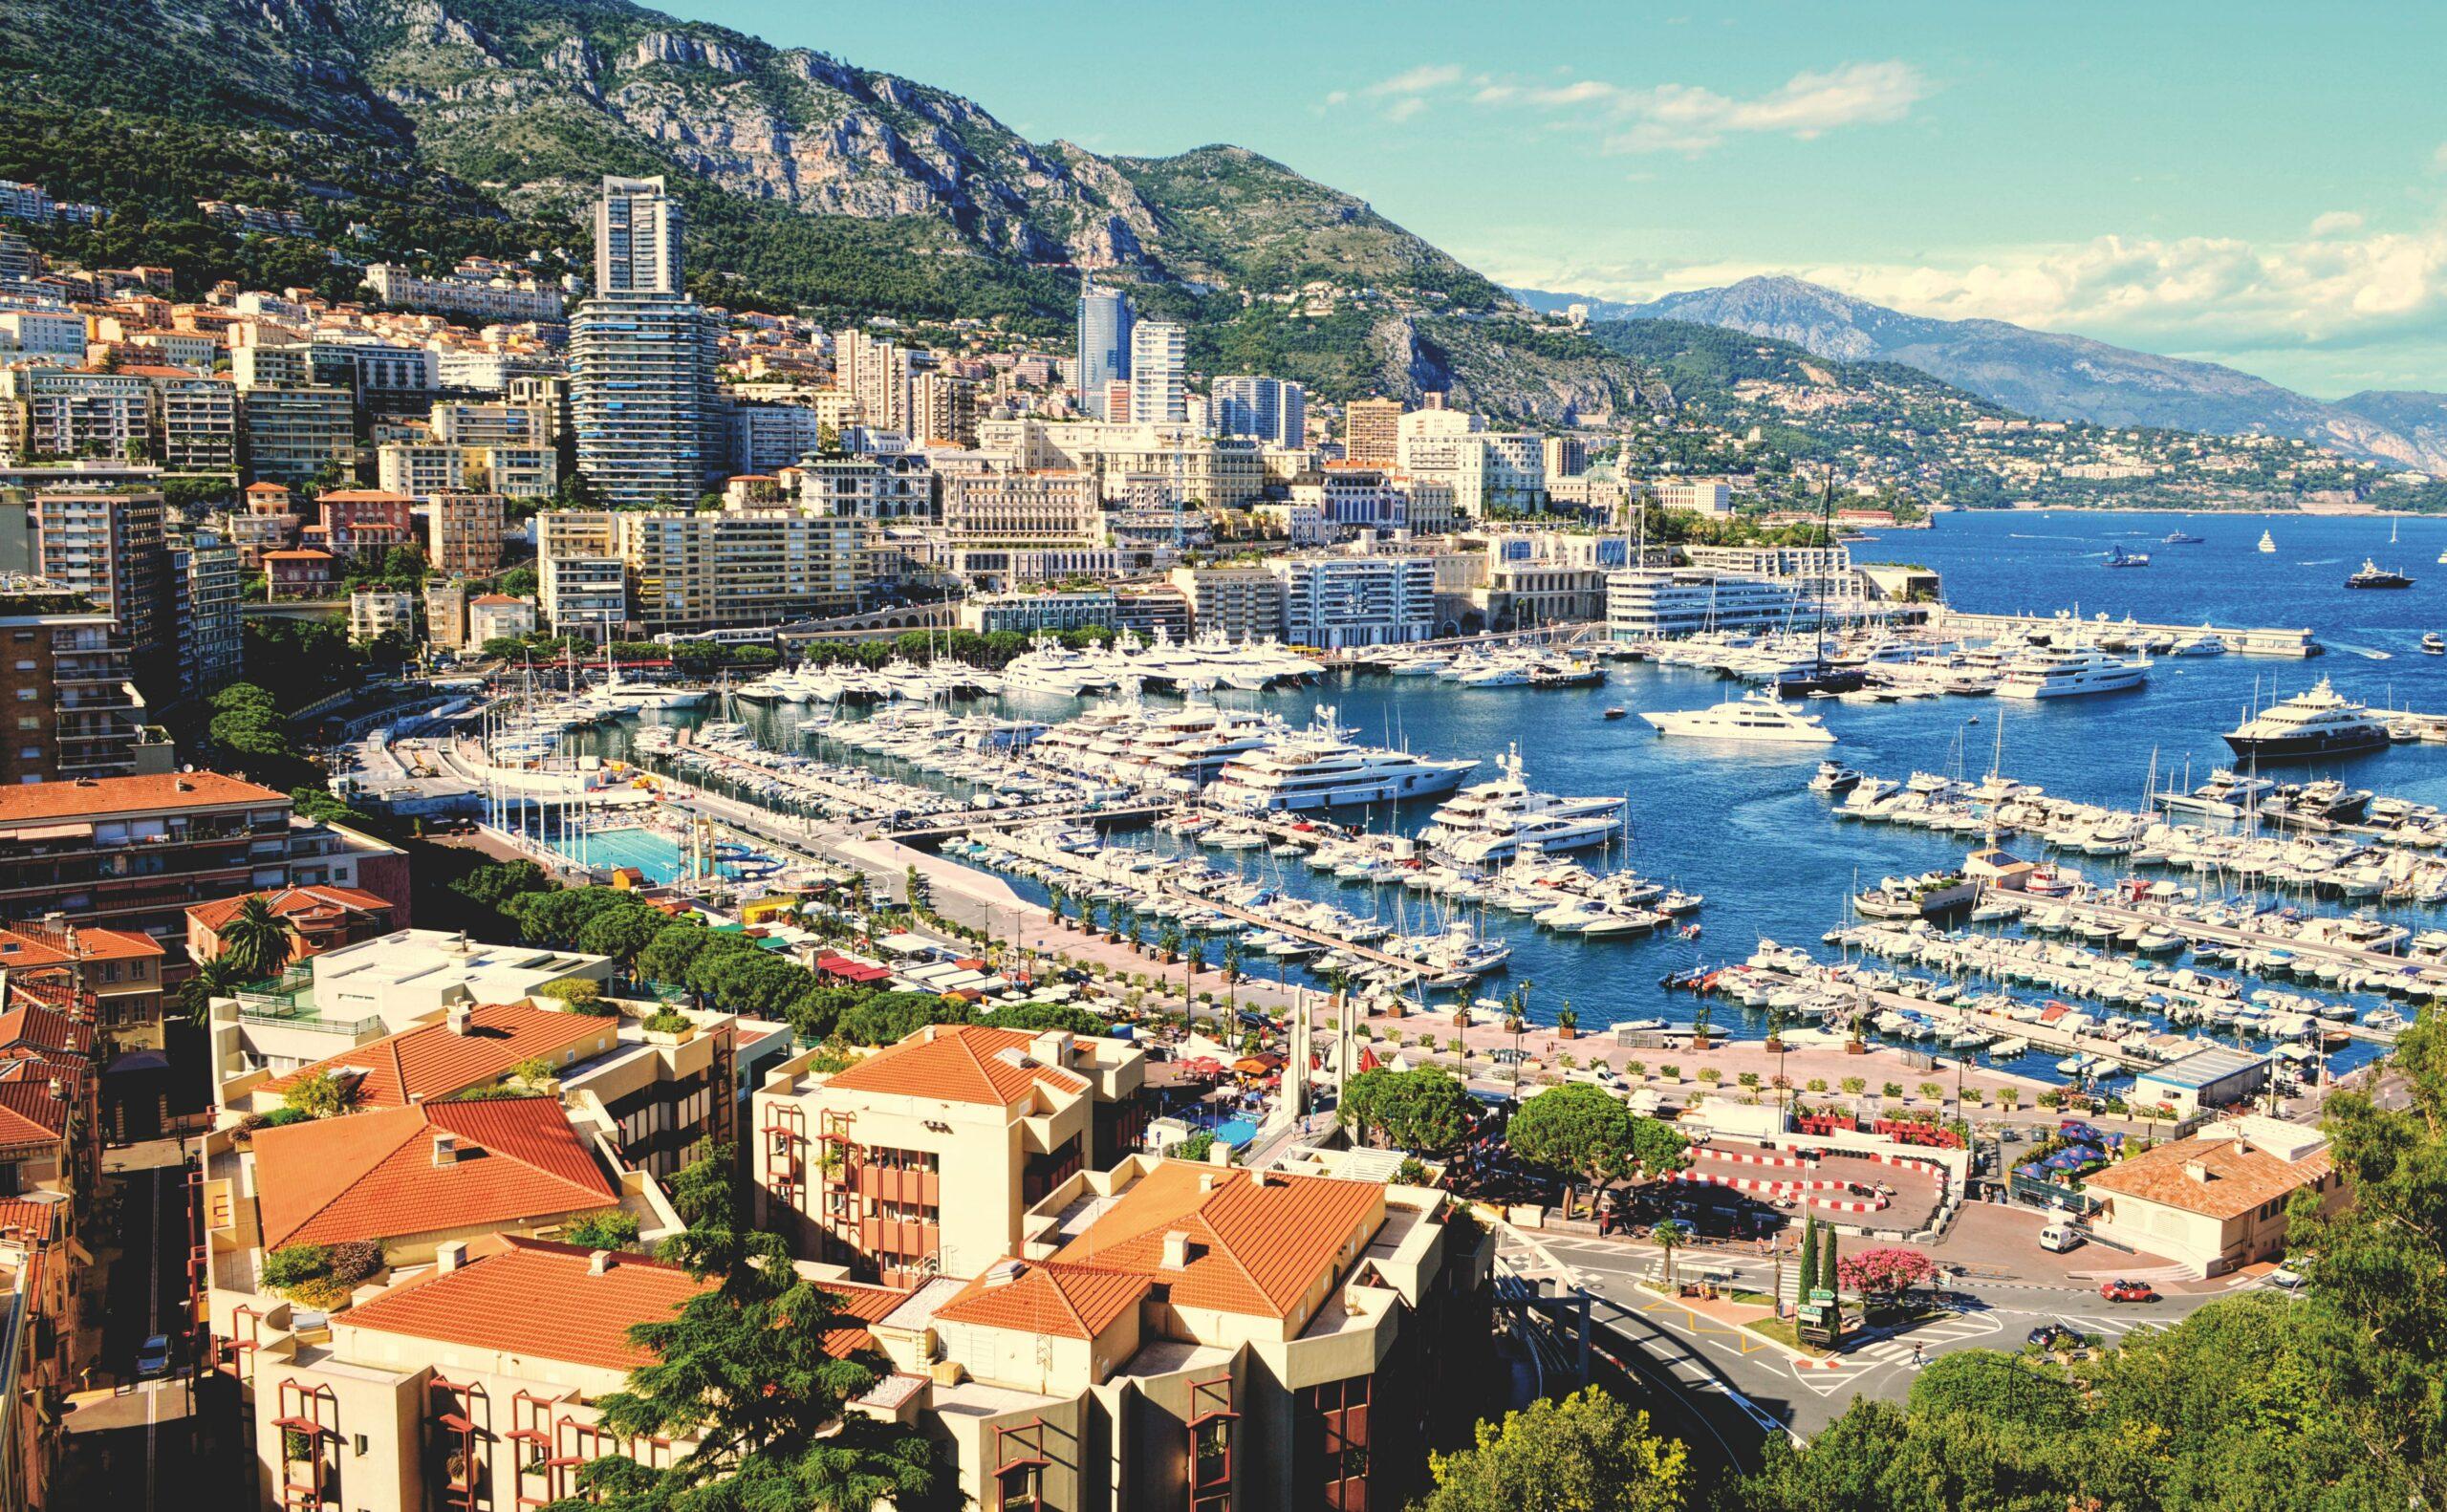 Grand Prix® van Monaco - Monte Carlo 2021